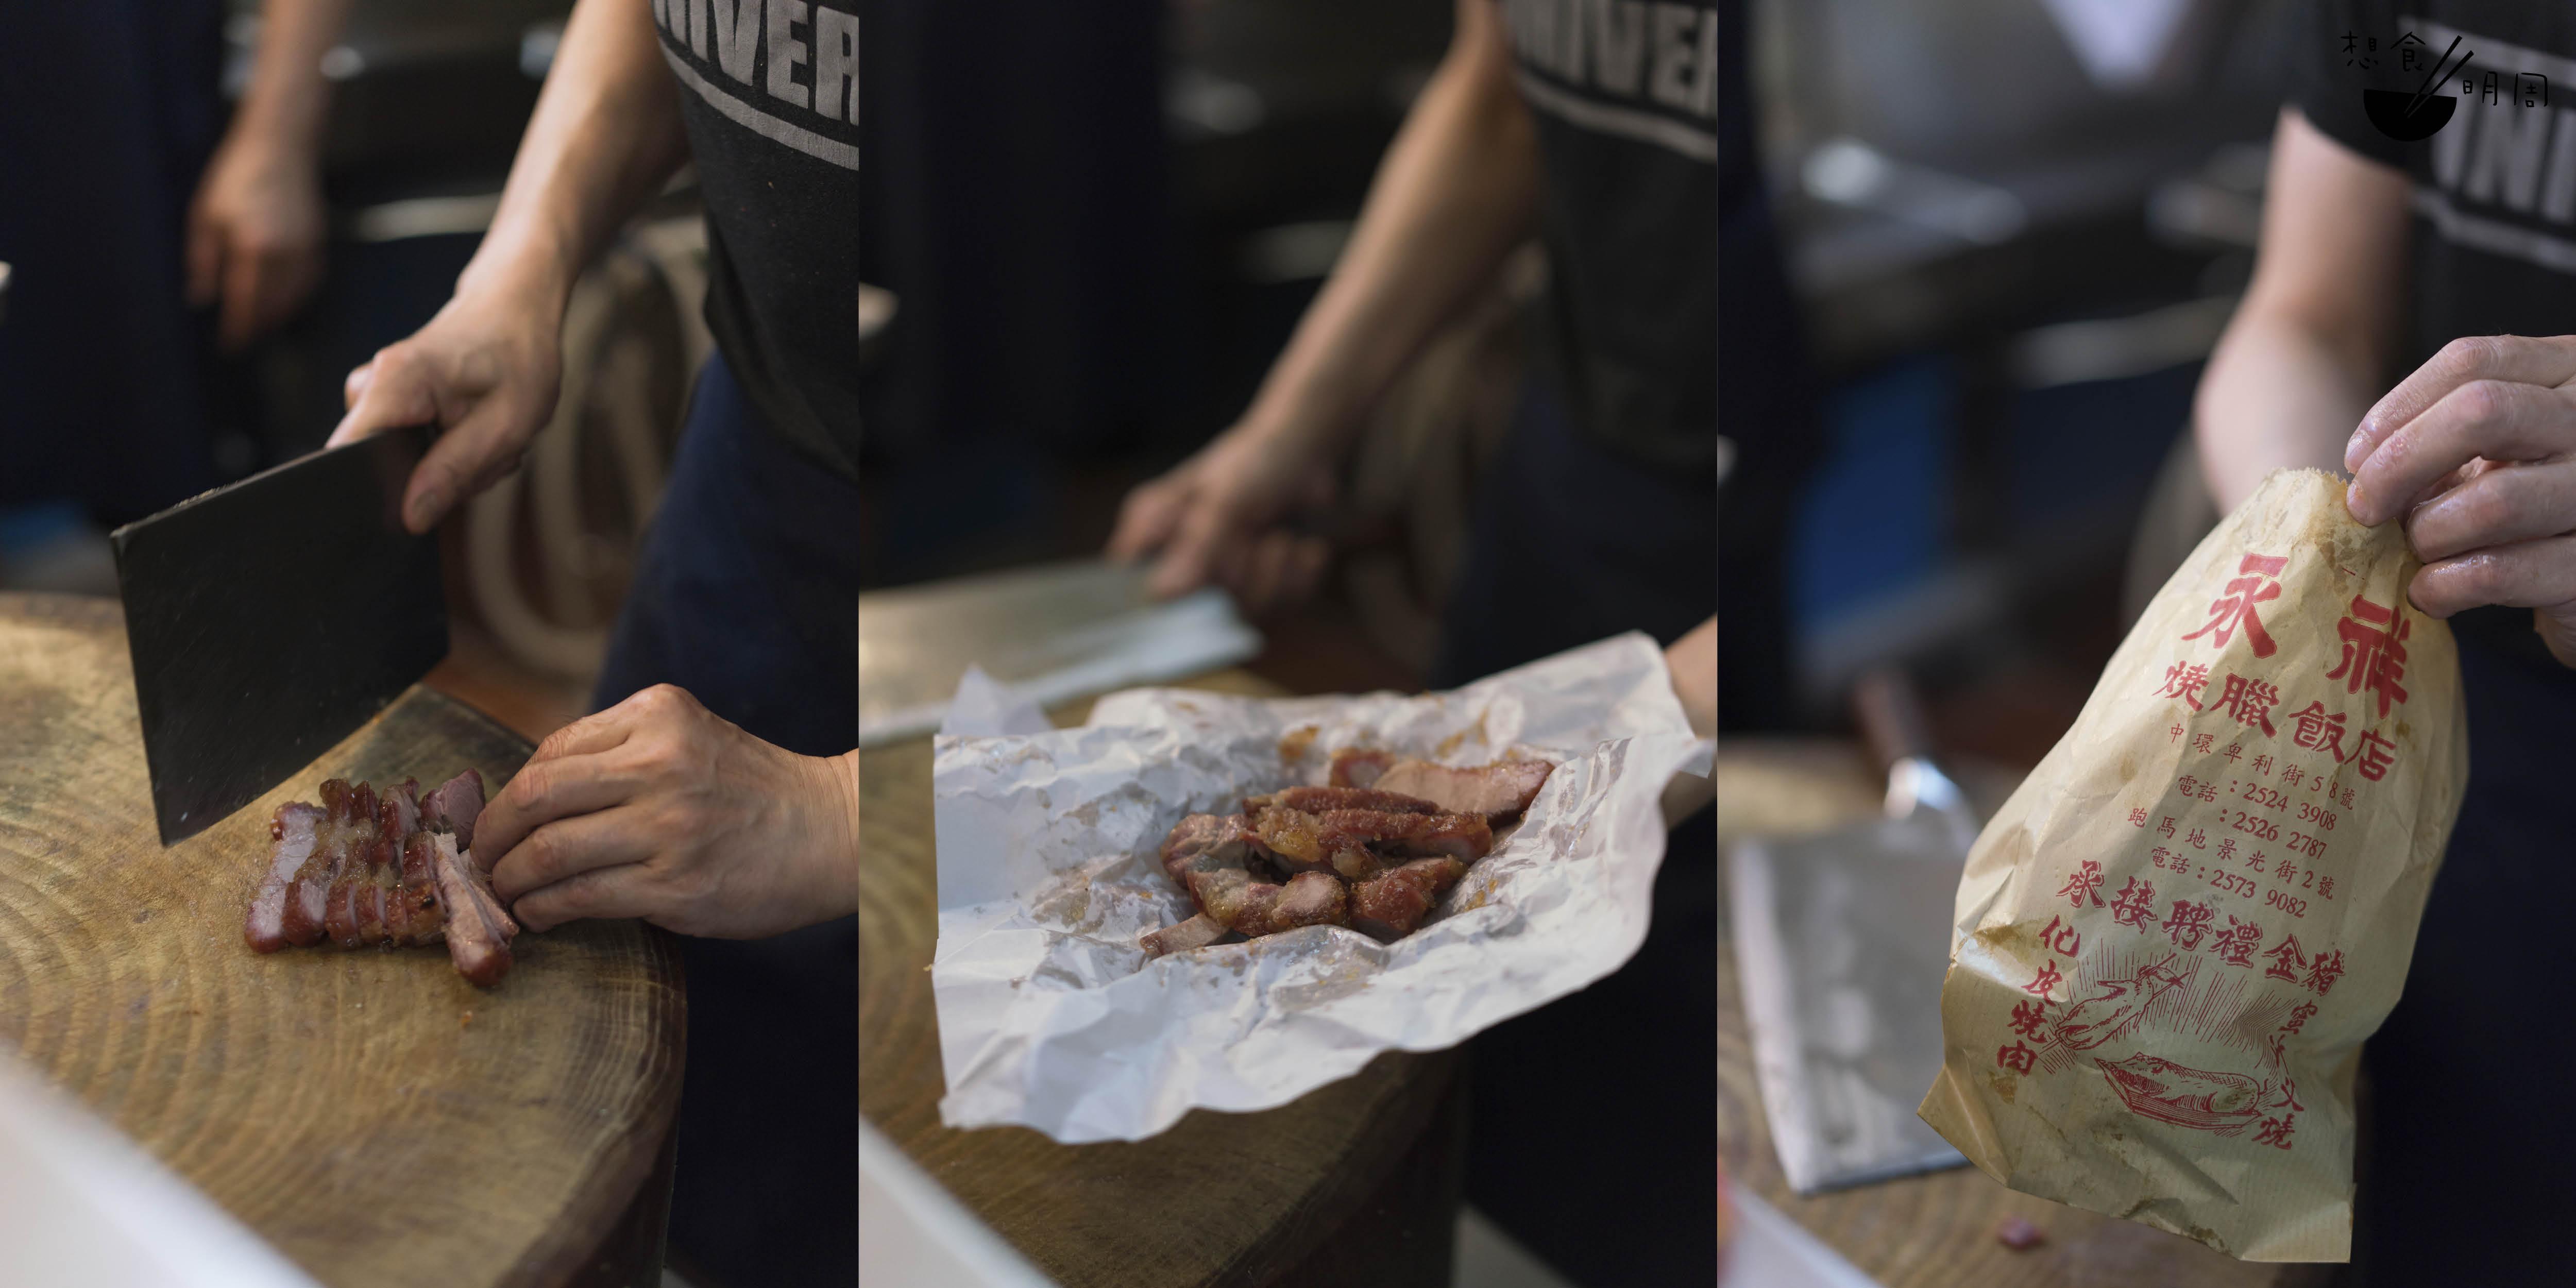 燒臘紙又稱「油紙」,用以包覆斬起的叉燒能有效隔油。然後放入附有字號與繪圖的紙袋,交到客人手中時已經不覺油膩。